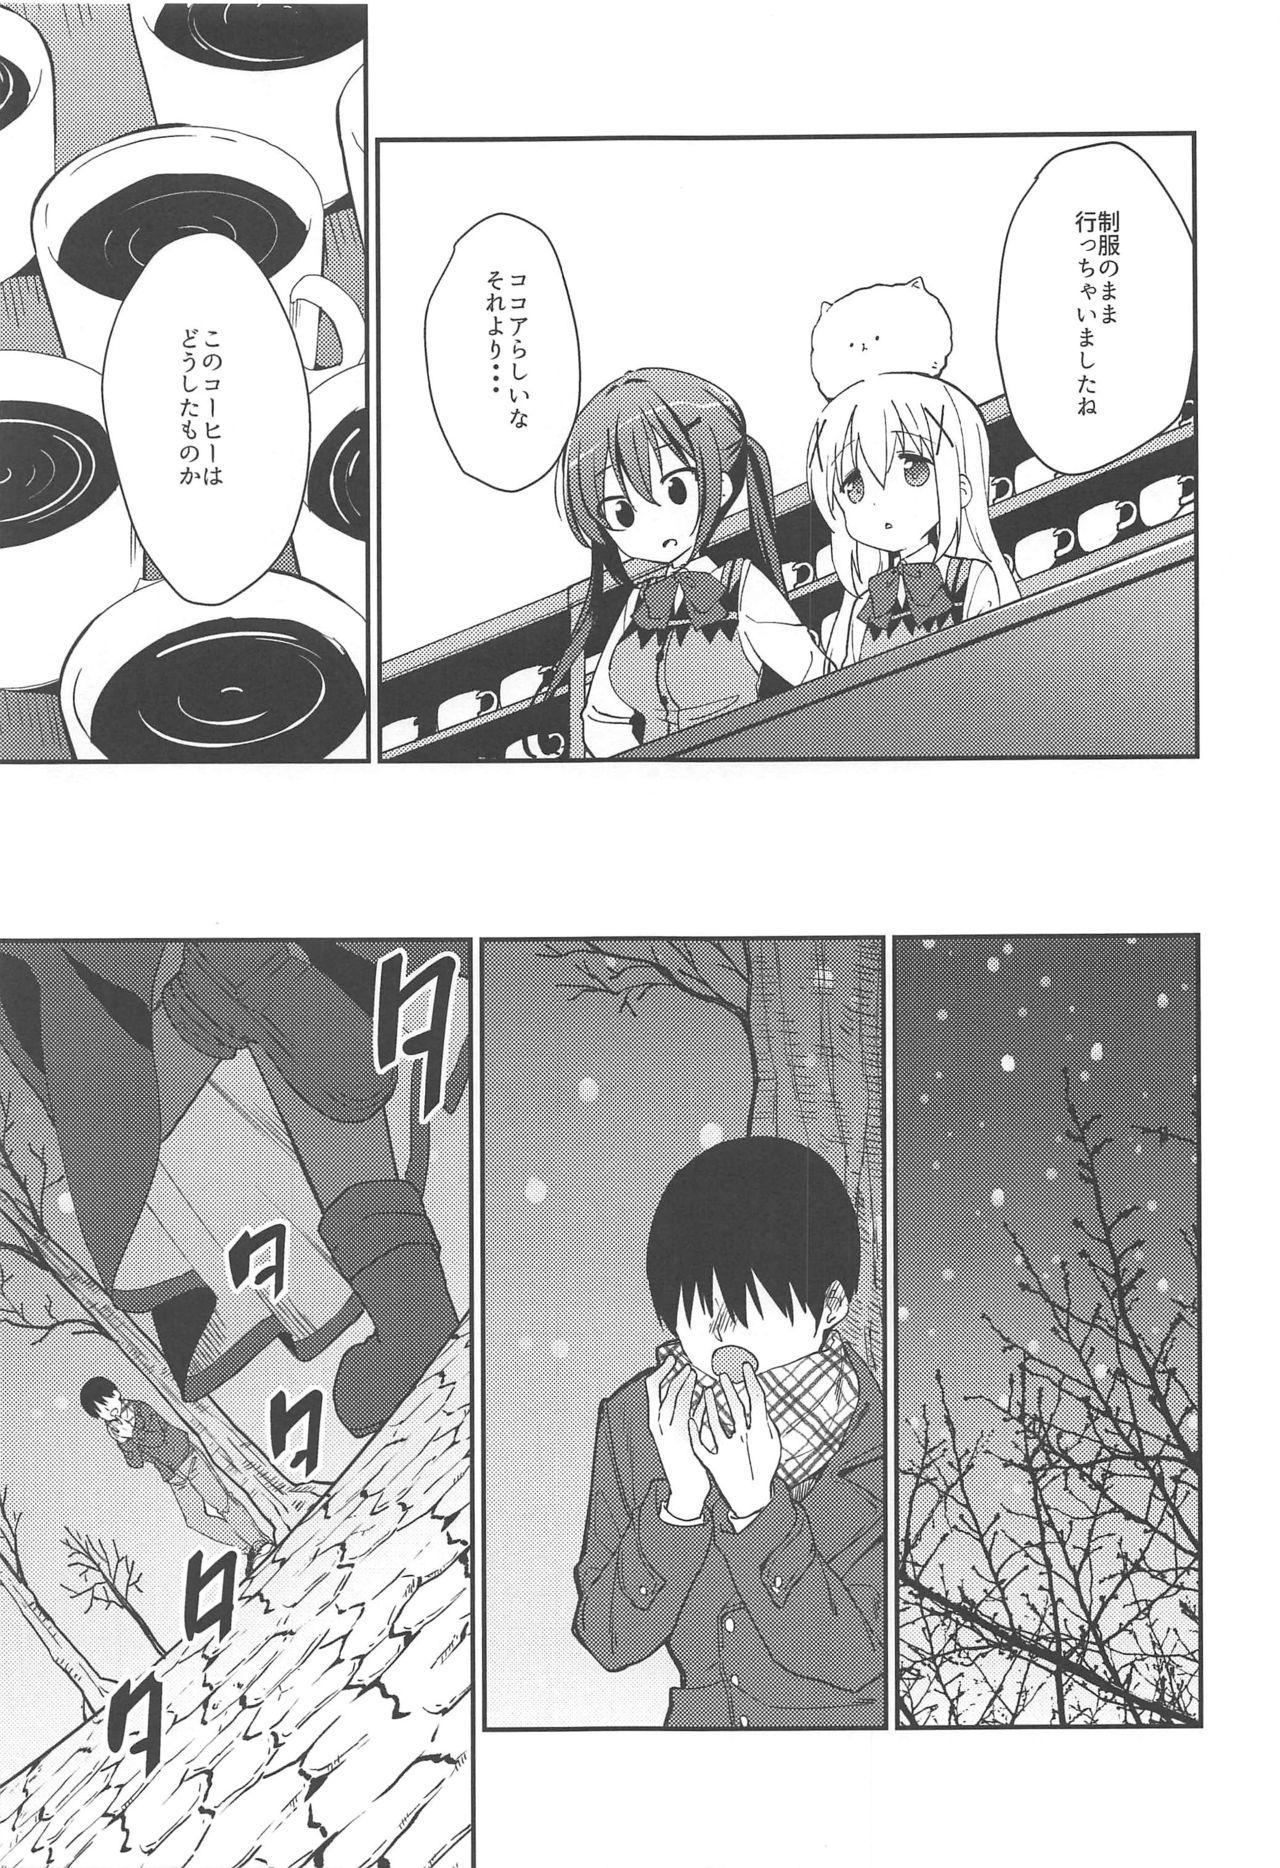 Attakai Kokoa wa Ikaga desu ka? - How about warm cocoa? 7